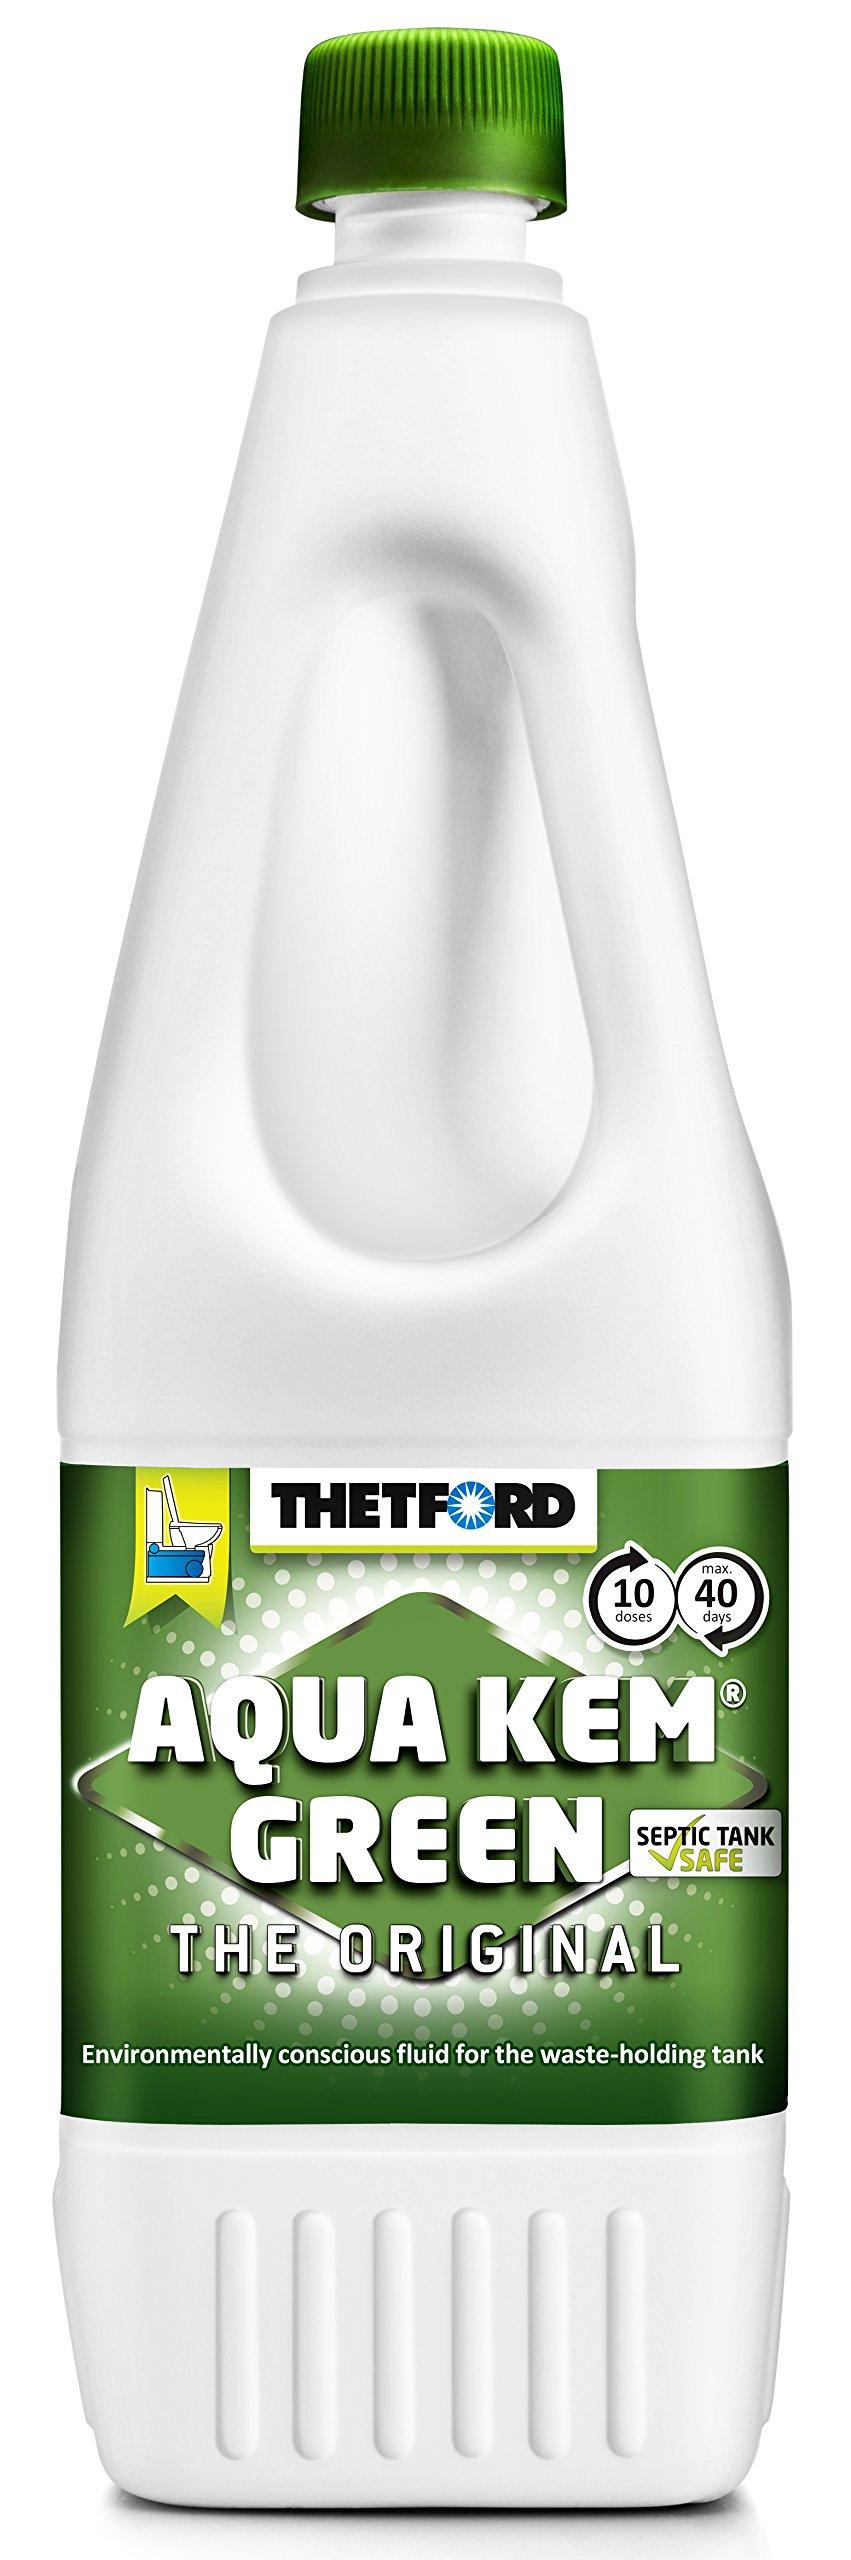 Thetford Aqua Kem Green Toilet Fluid, Green, 1.5 Litre